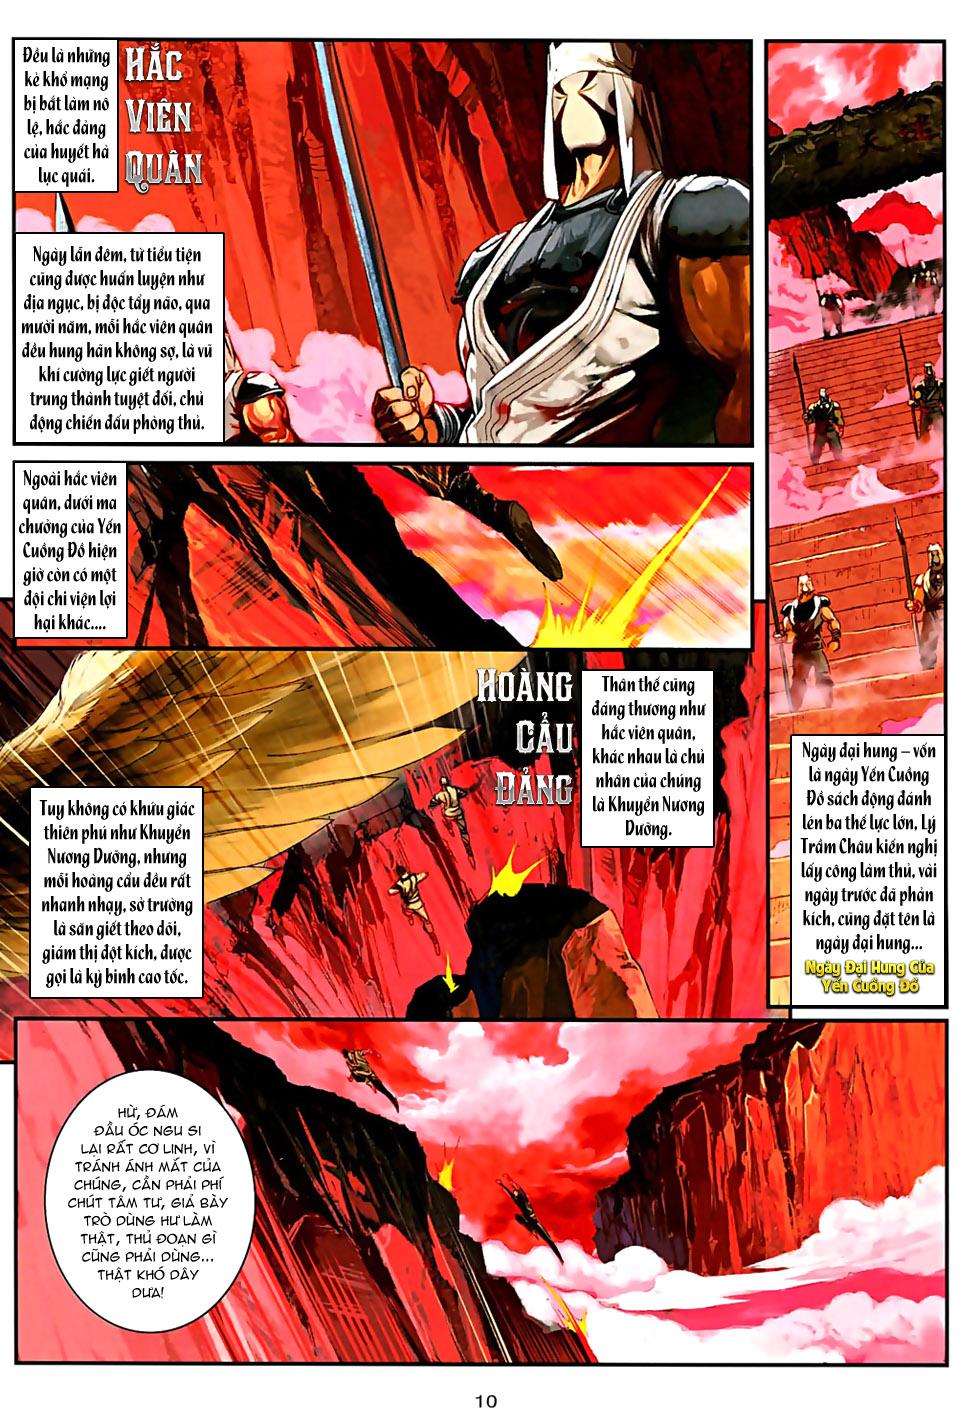 Ôn Thuỵ An Quần Hiệp Truyện Phần 2 chapter 32 trang 11